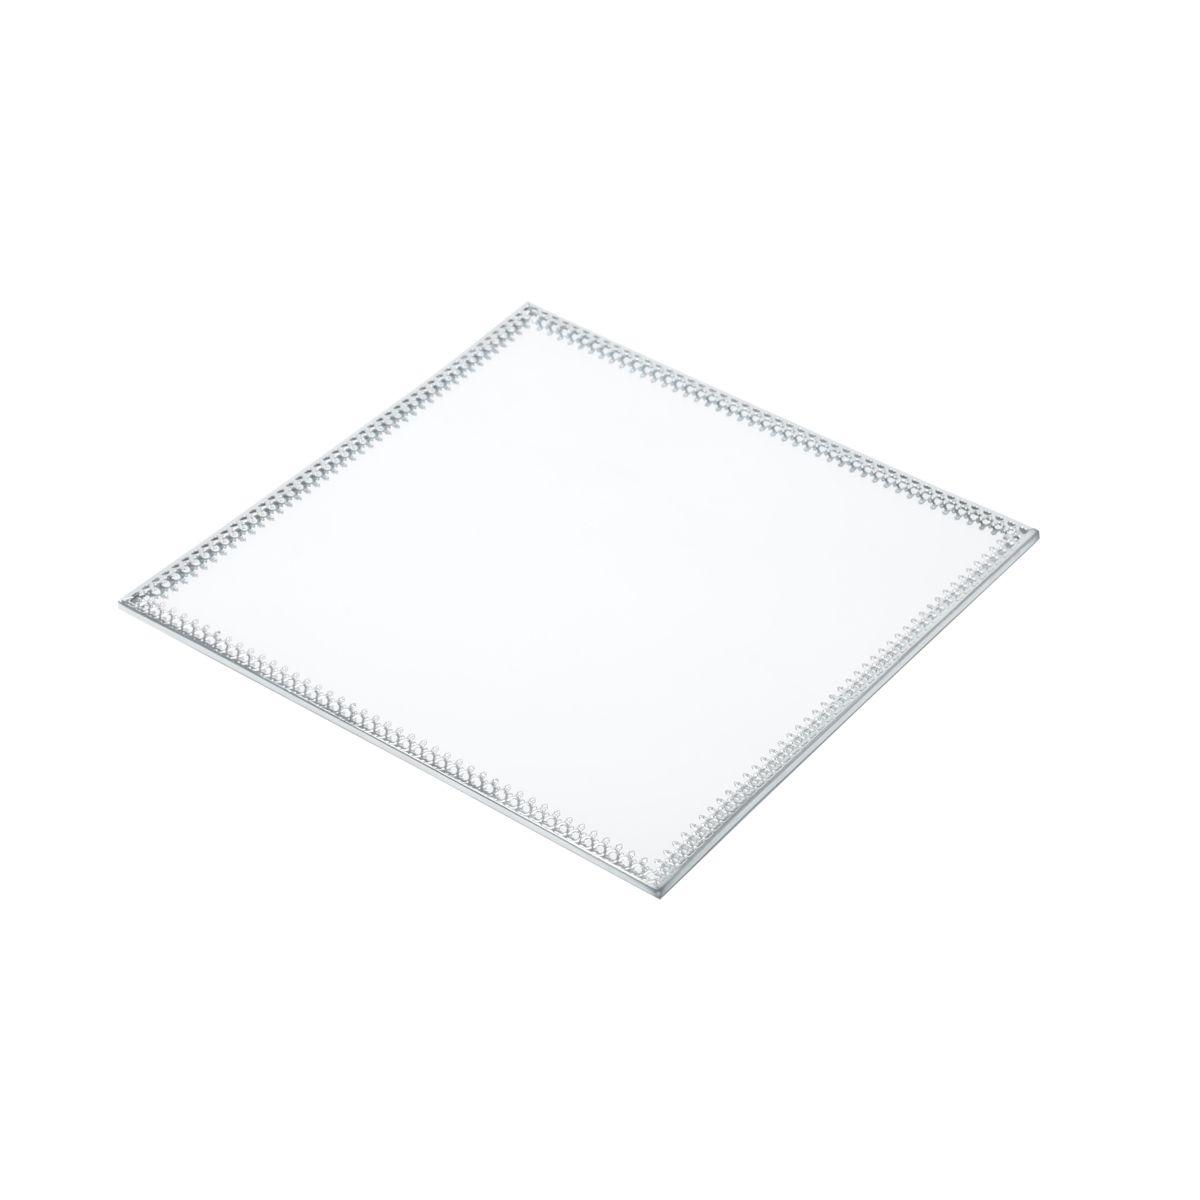 Bandeja Espelho Quadrada Prata Maior Luxo para Lavabo / Bar / Sala